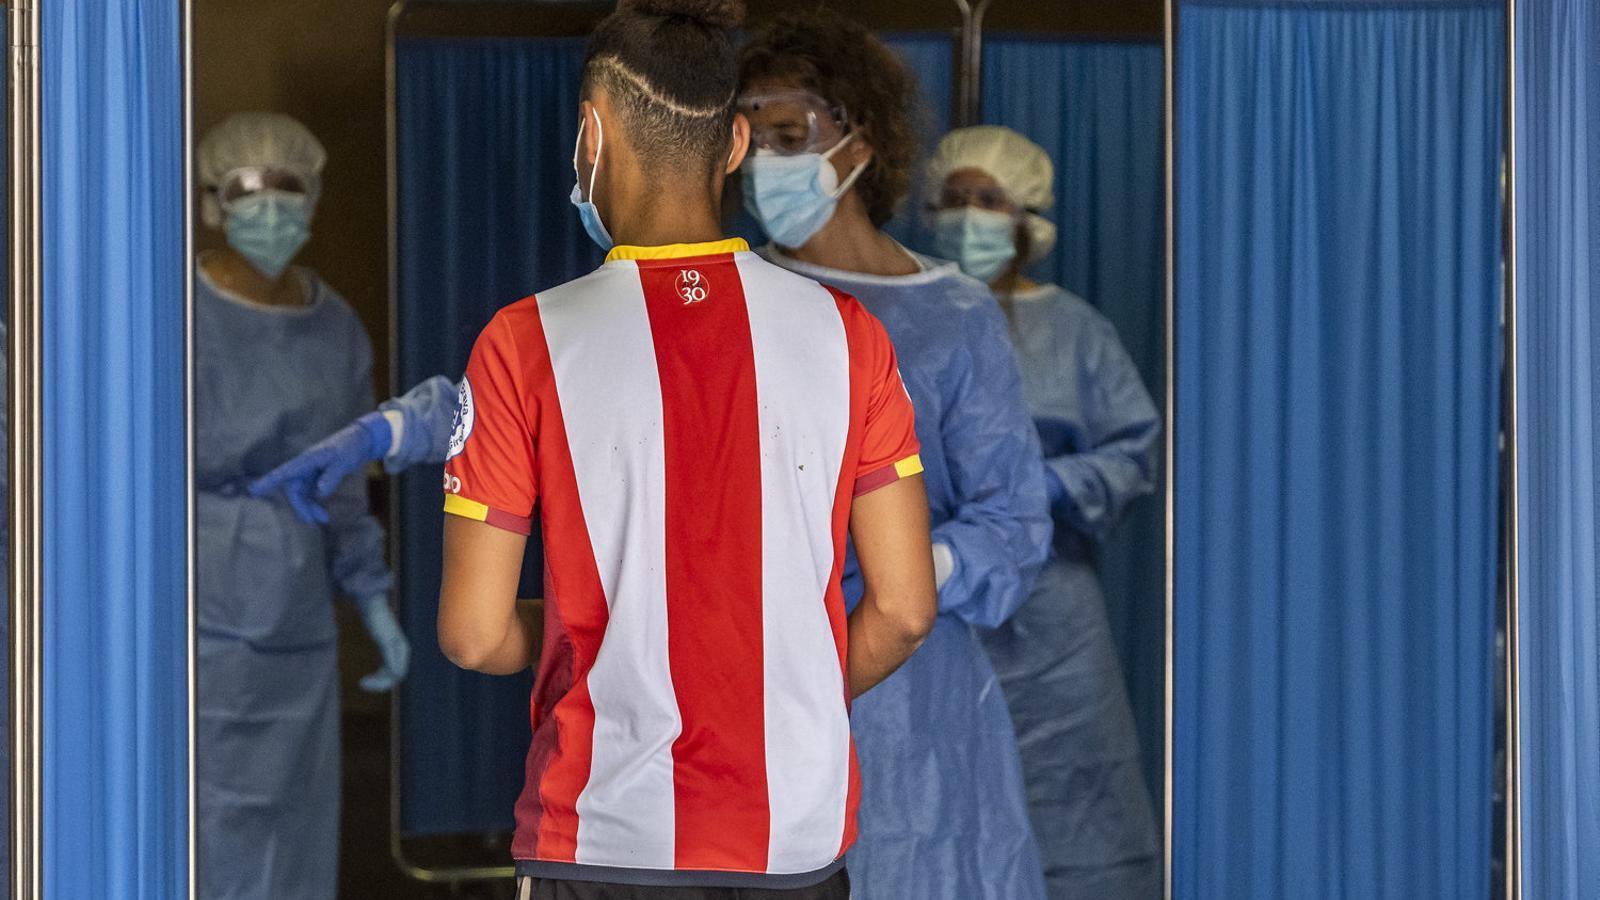 Un jove a punt de ser sotmès a una prova PCR per detectar si és positiu per covid-19, en una imatge de principis d'agost a Vilafranca del Penedès. / MANOLO GARCÍA